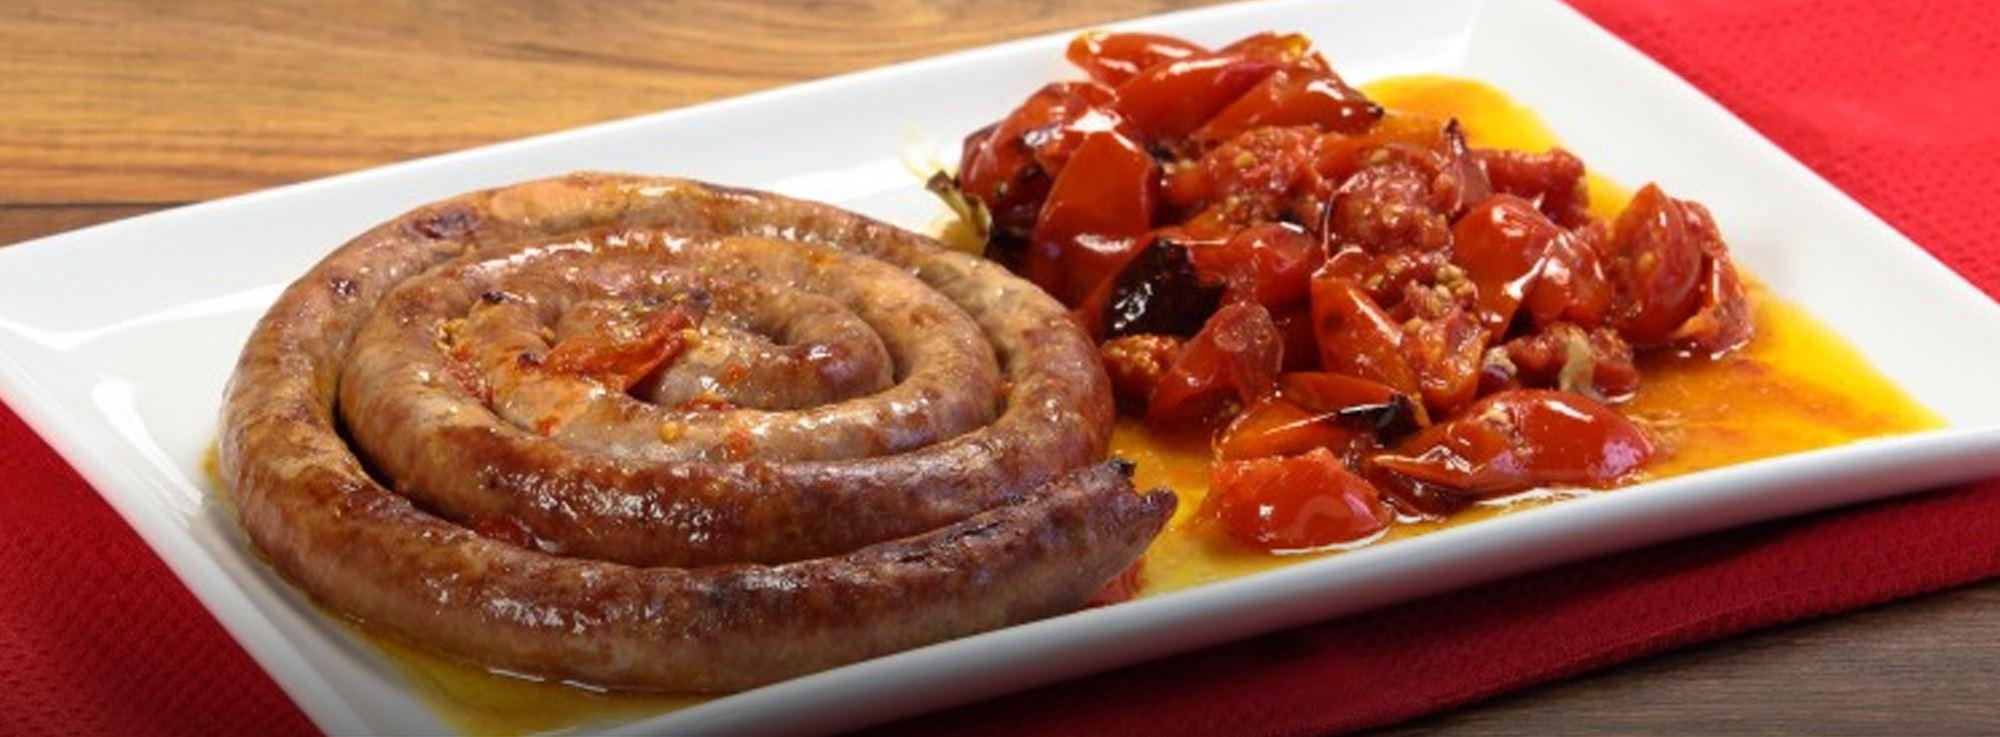 Ricetta: Salsiccia al forno con pomodorini